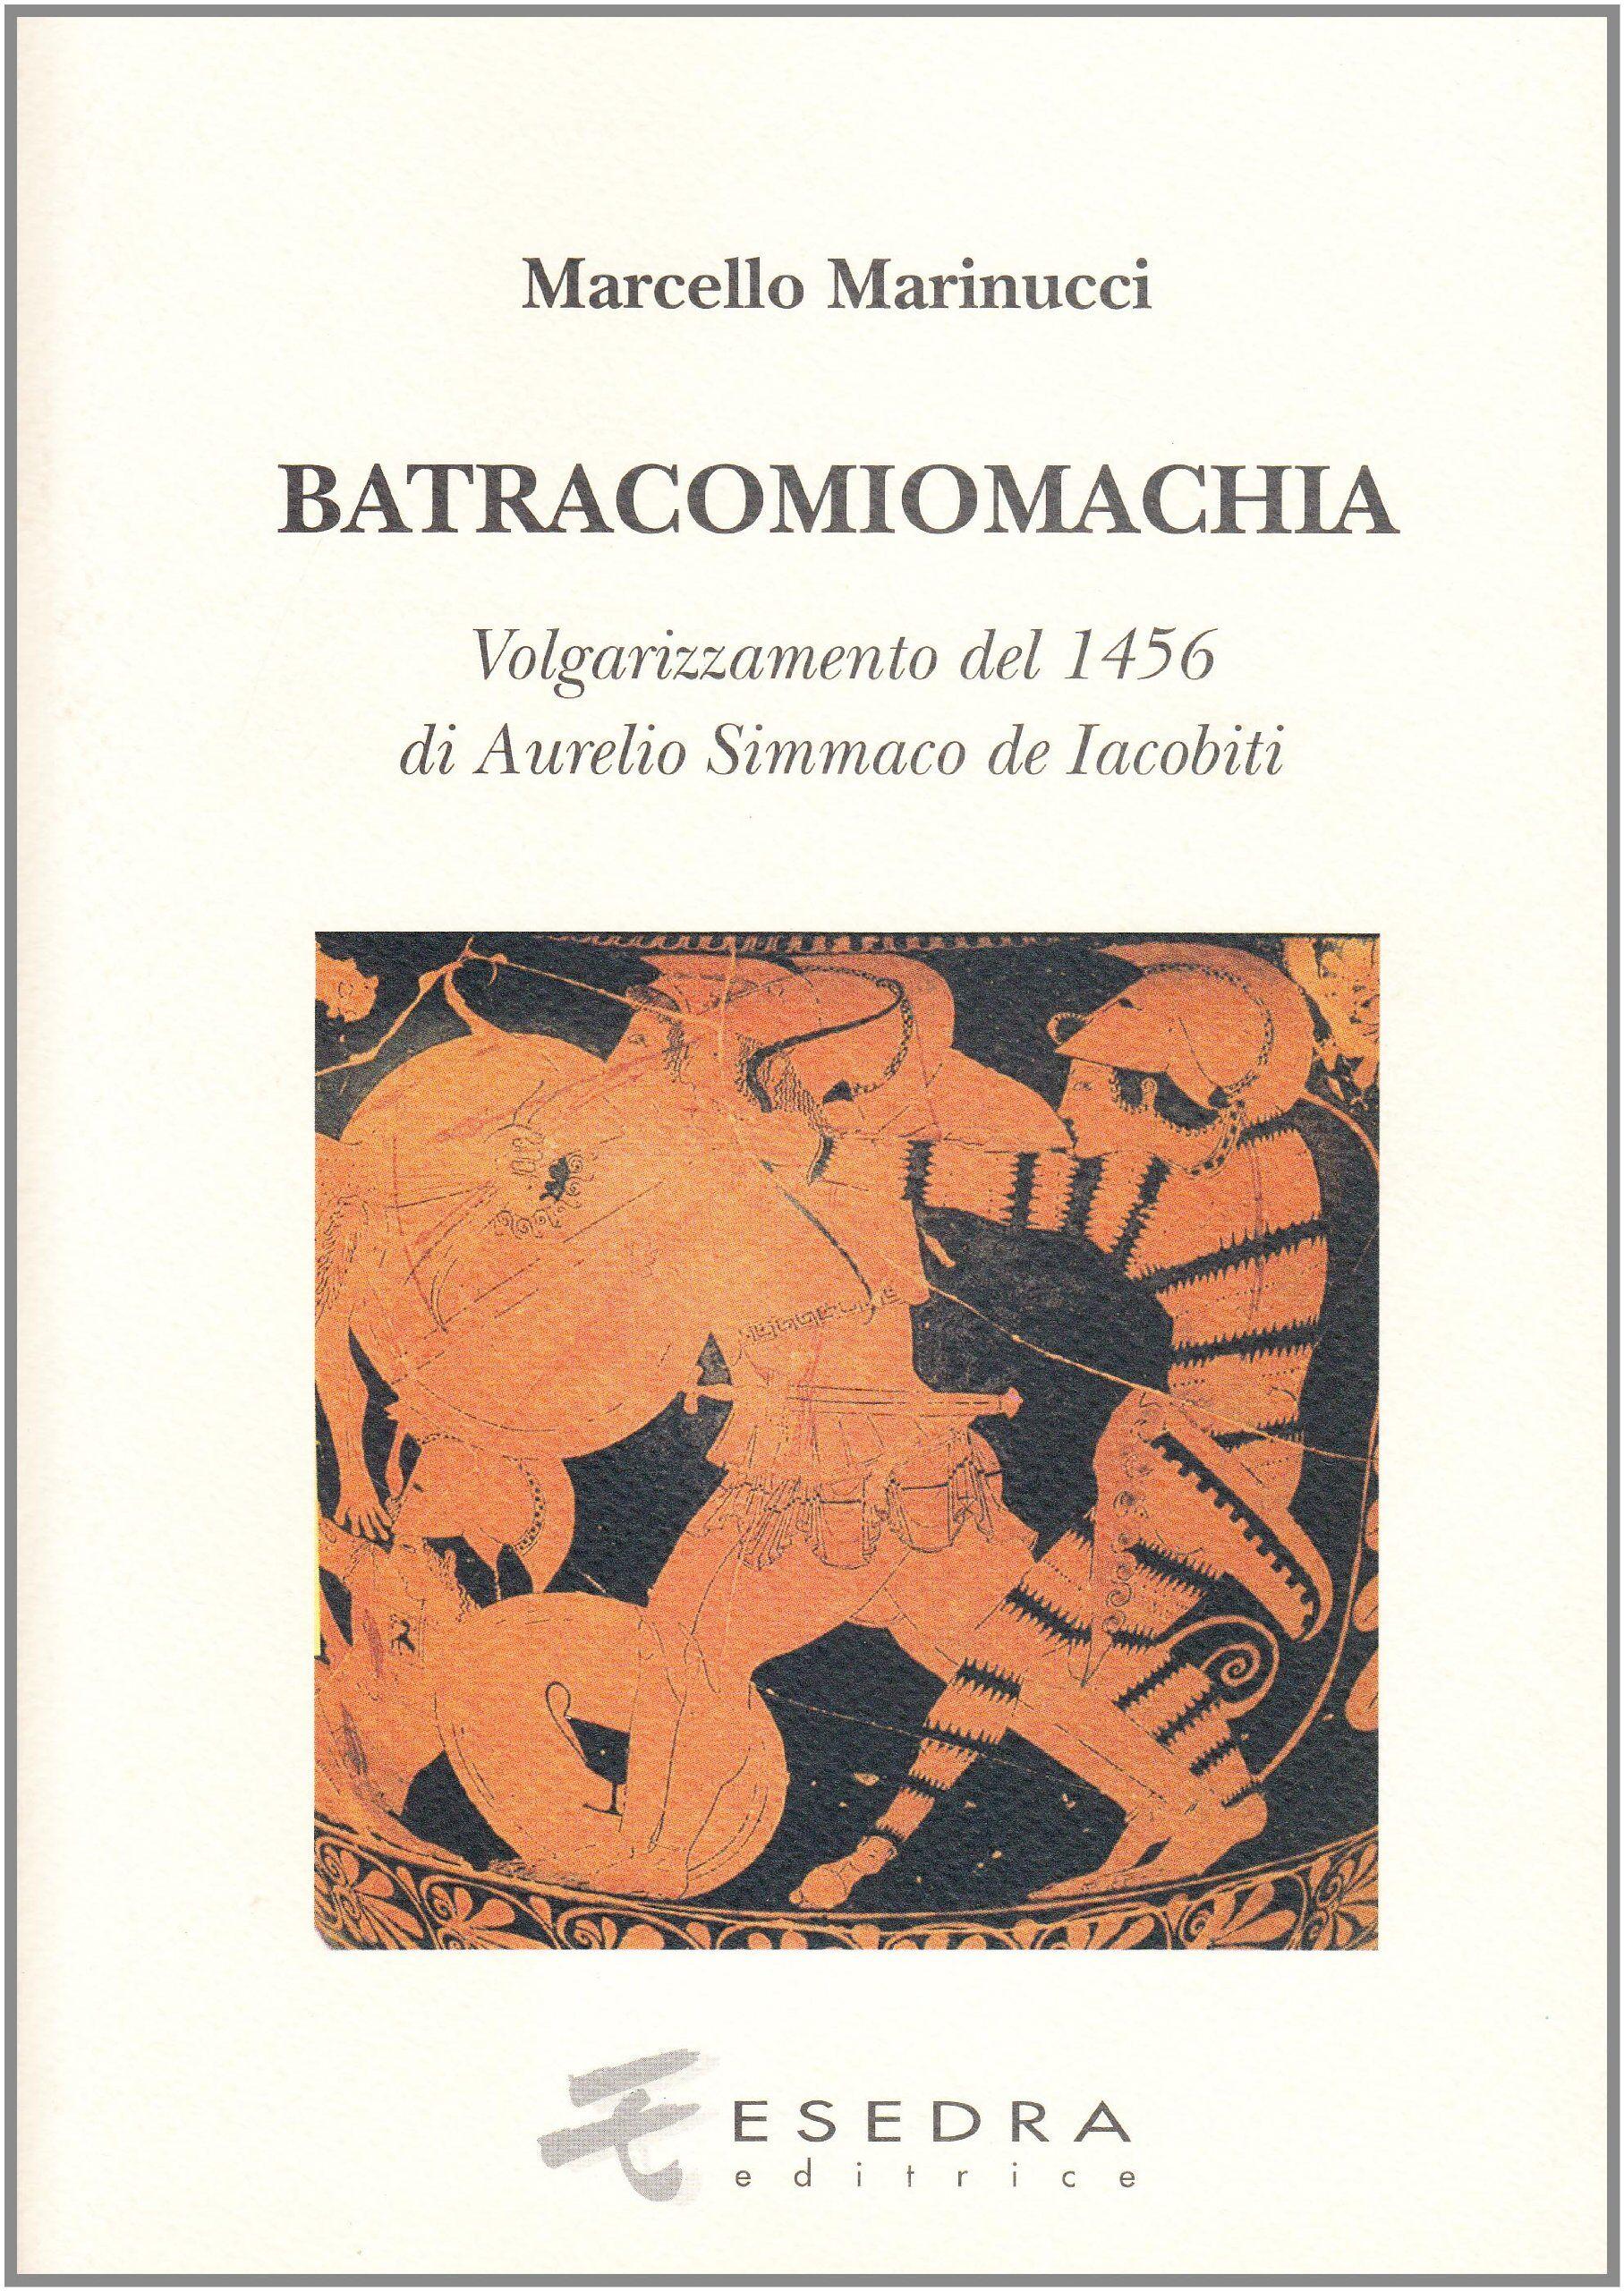 Batracomiomachia (volgarizzamento del 1456 di Aurelio Simmaco de Iacobiti)